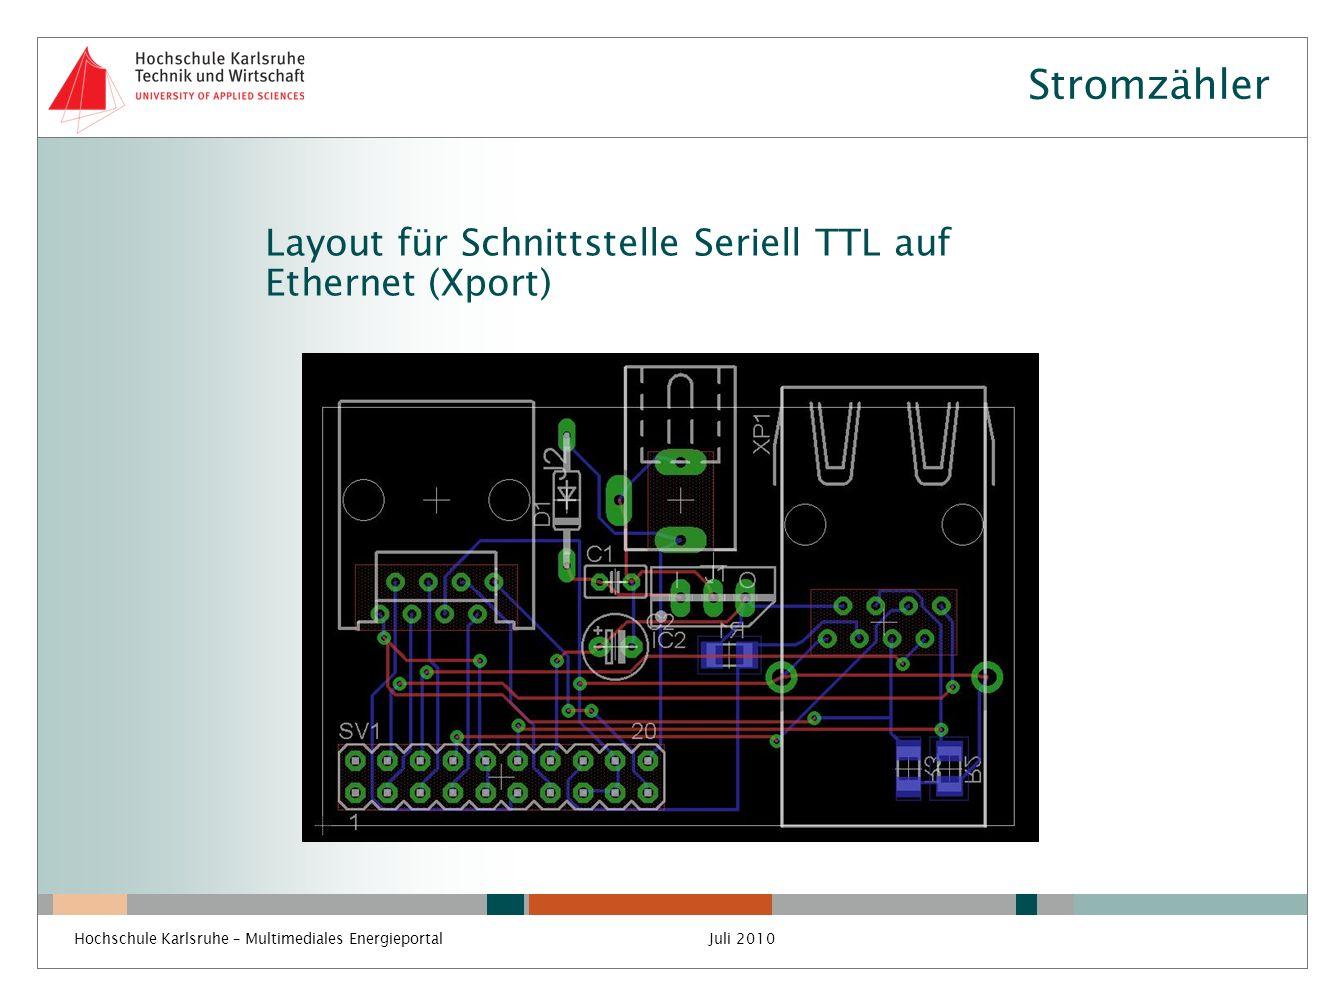 Stromzähler Layout für Schnittstelle Seriell TTL auf Ethernet (Xport)